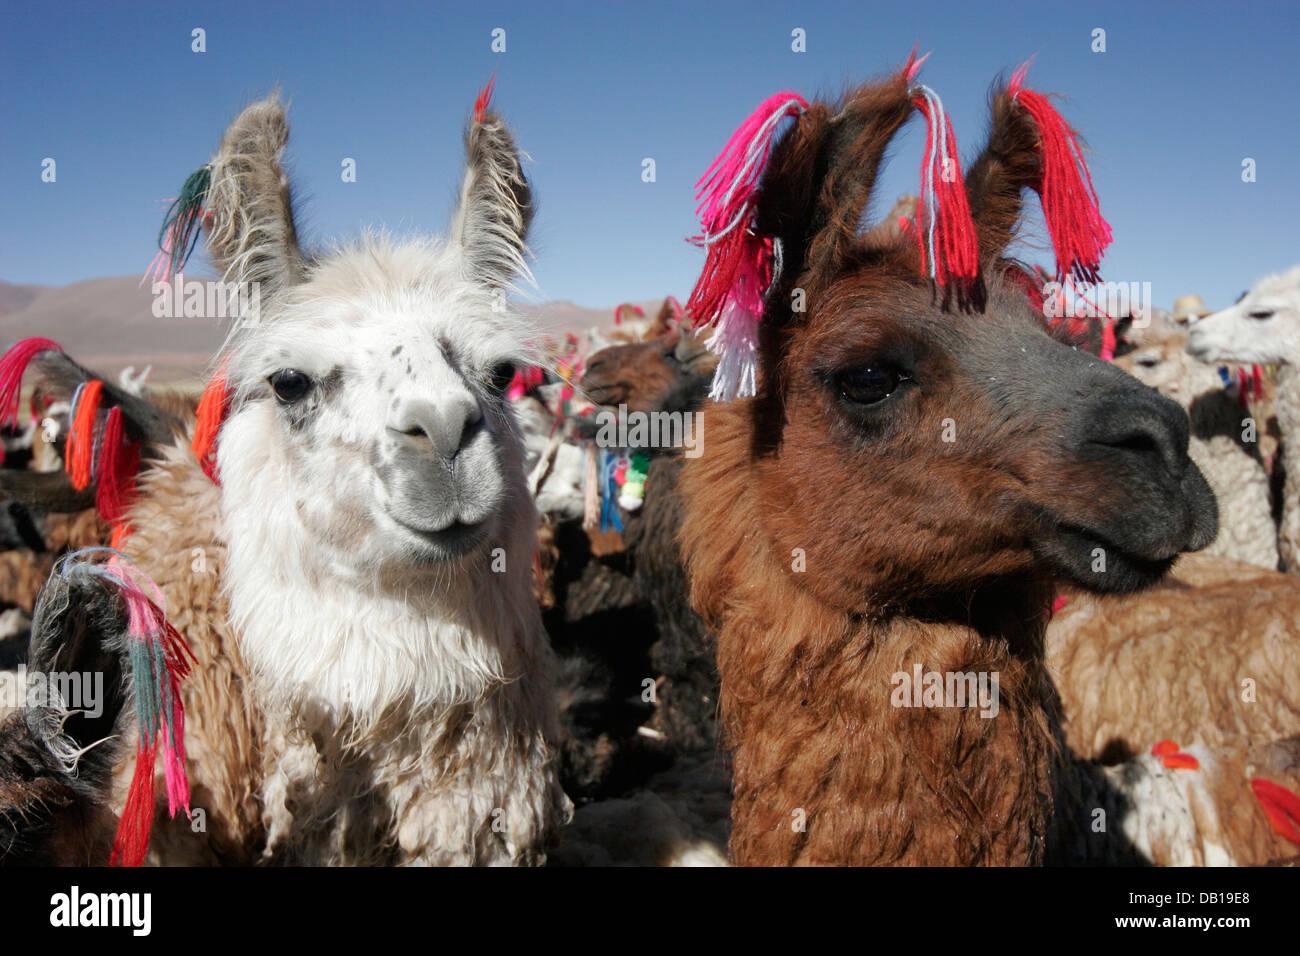 Herd of llamas and alpacas, Bolivian Altiplano, Bolivia, South America - Stock Image